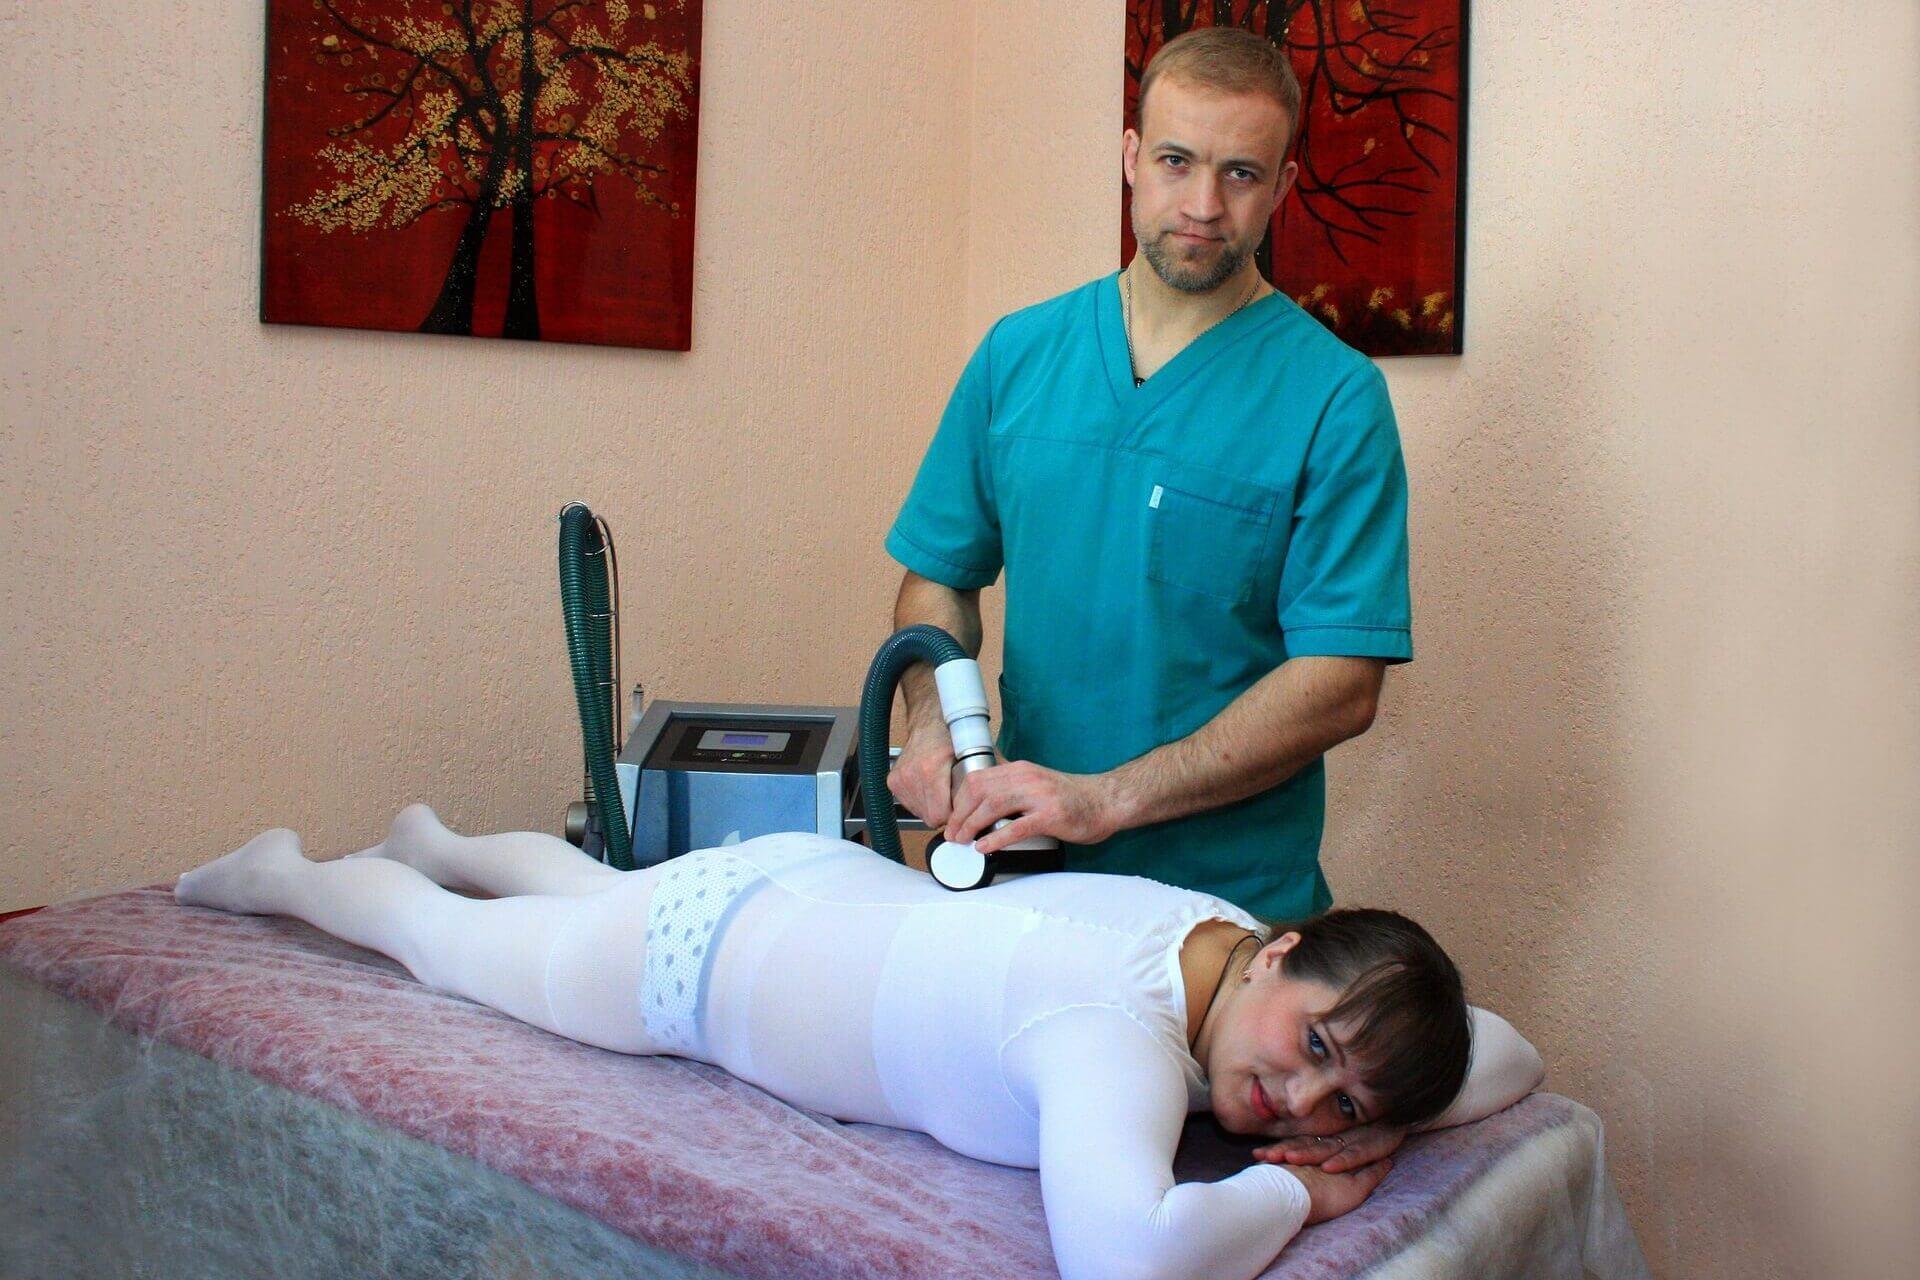 Вакуумный массажер что это hyundai массажер